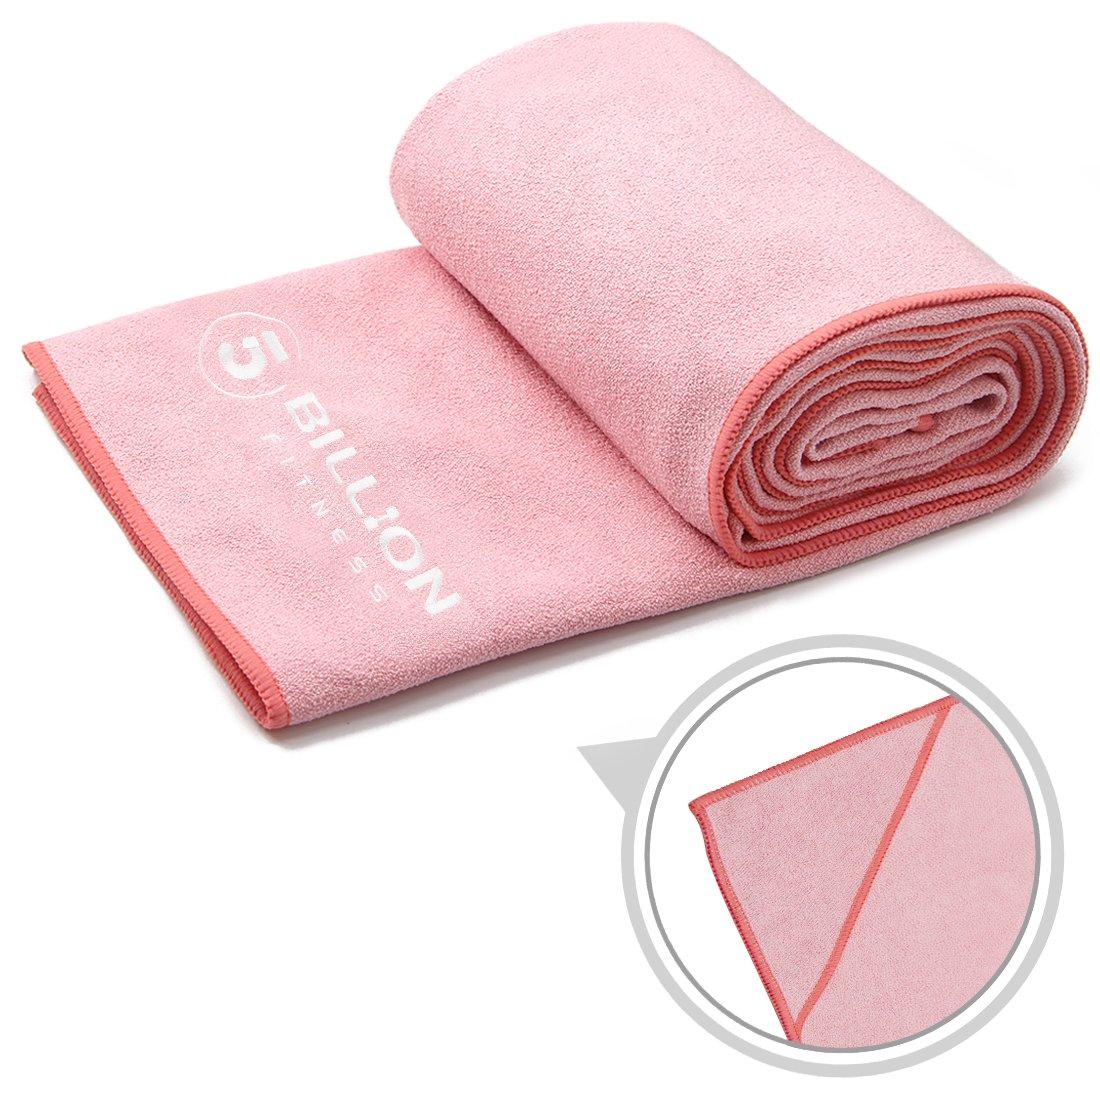 Mat Towels